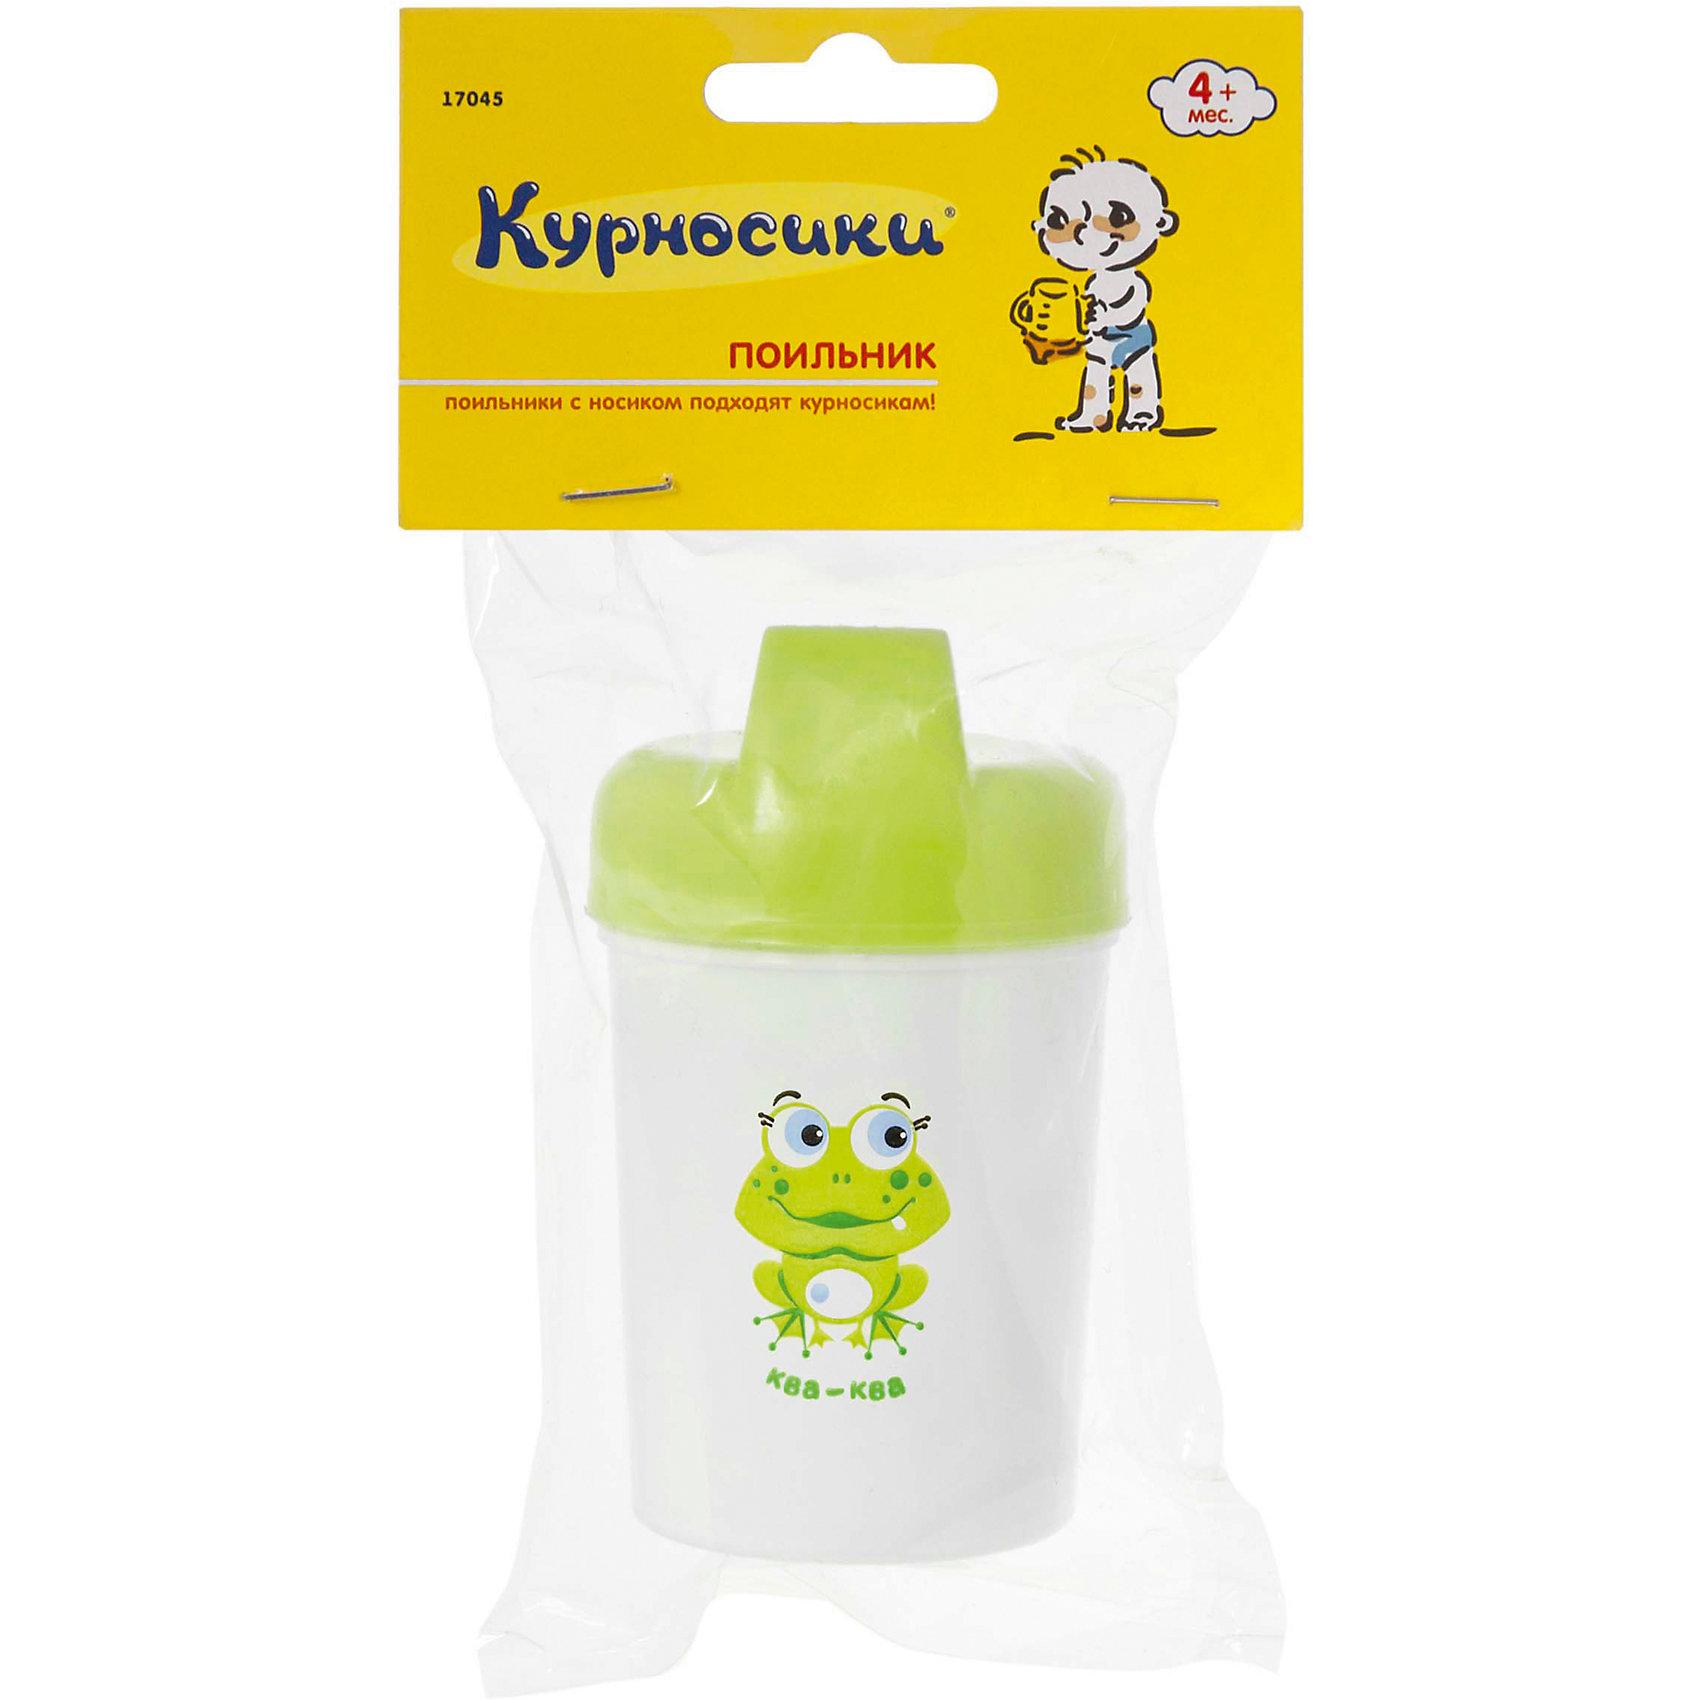 Курносики Поильник маленький 4+, 125мл, Kurnosiki, зеленый